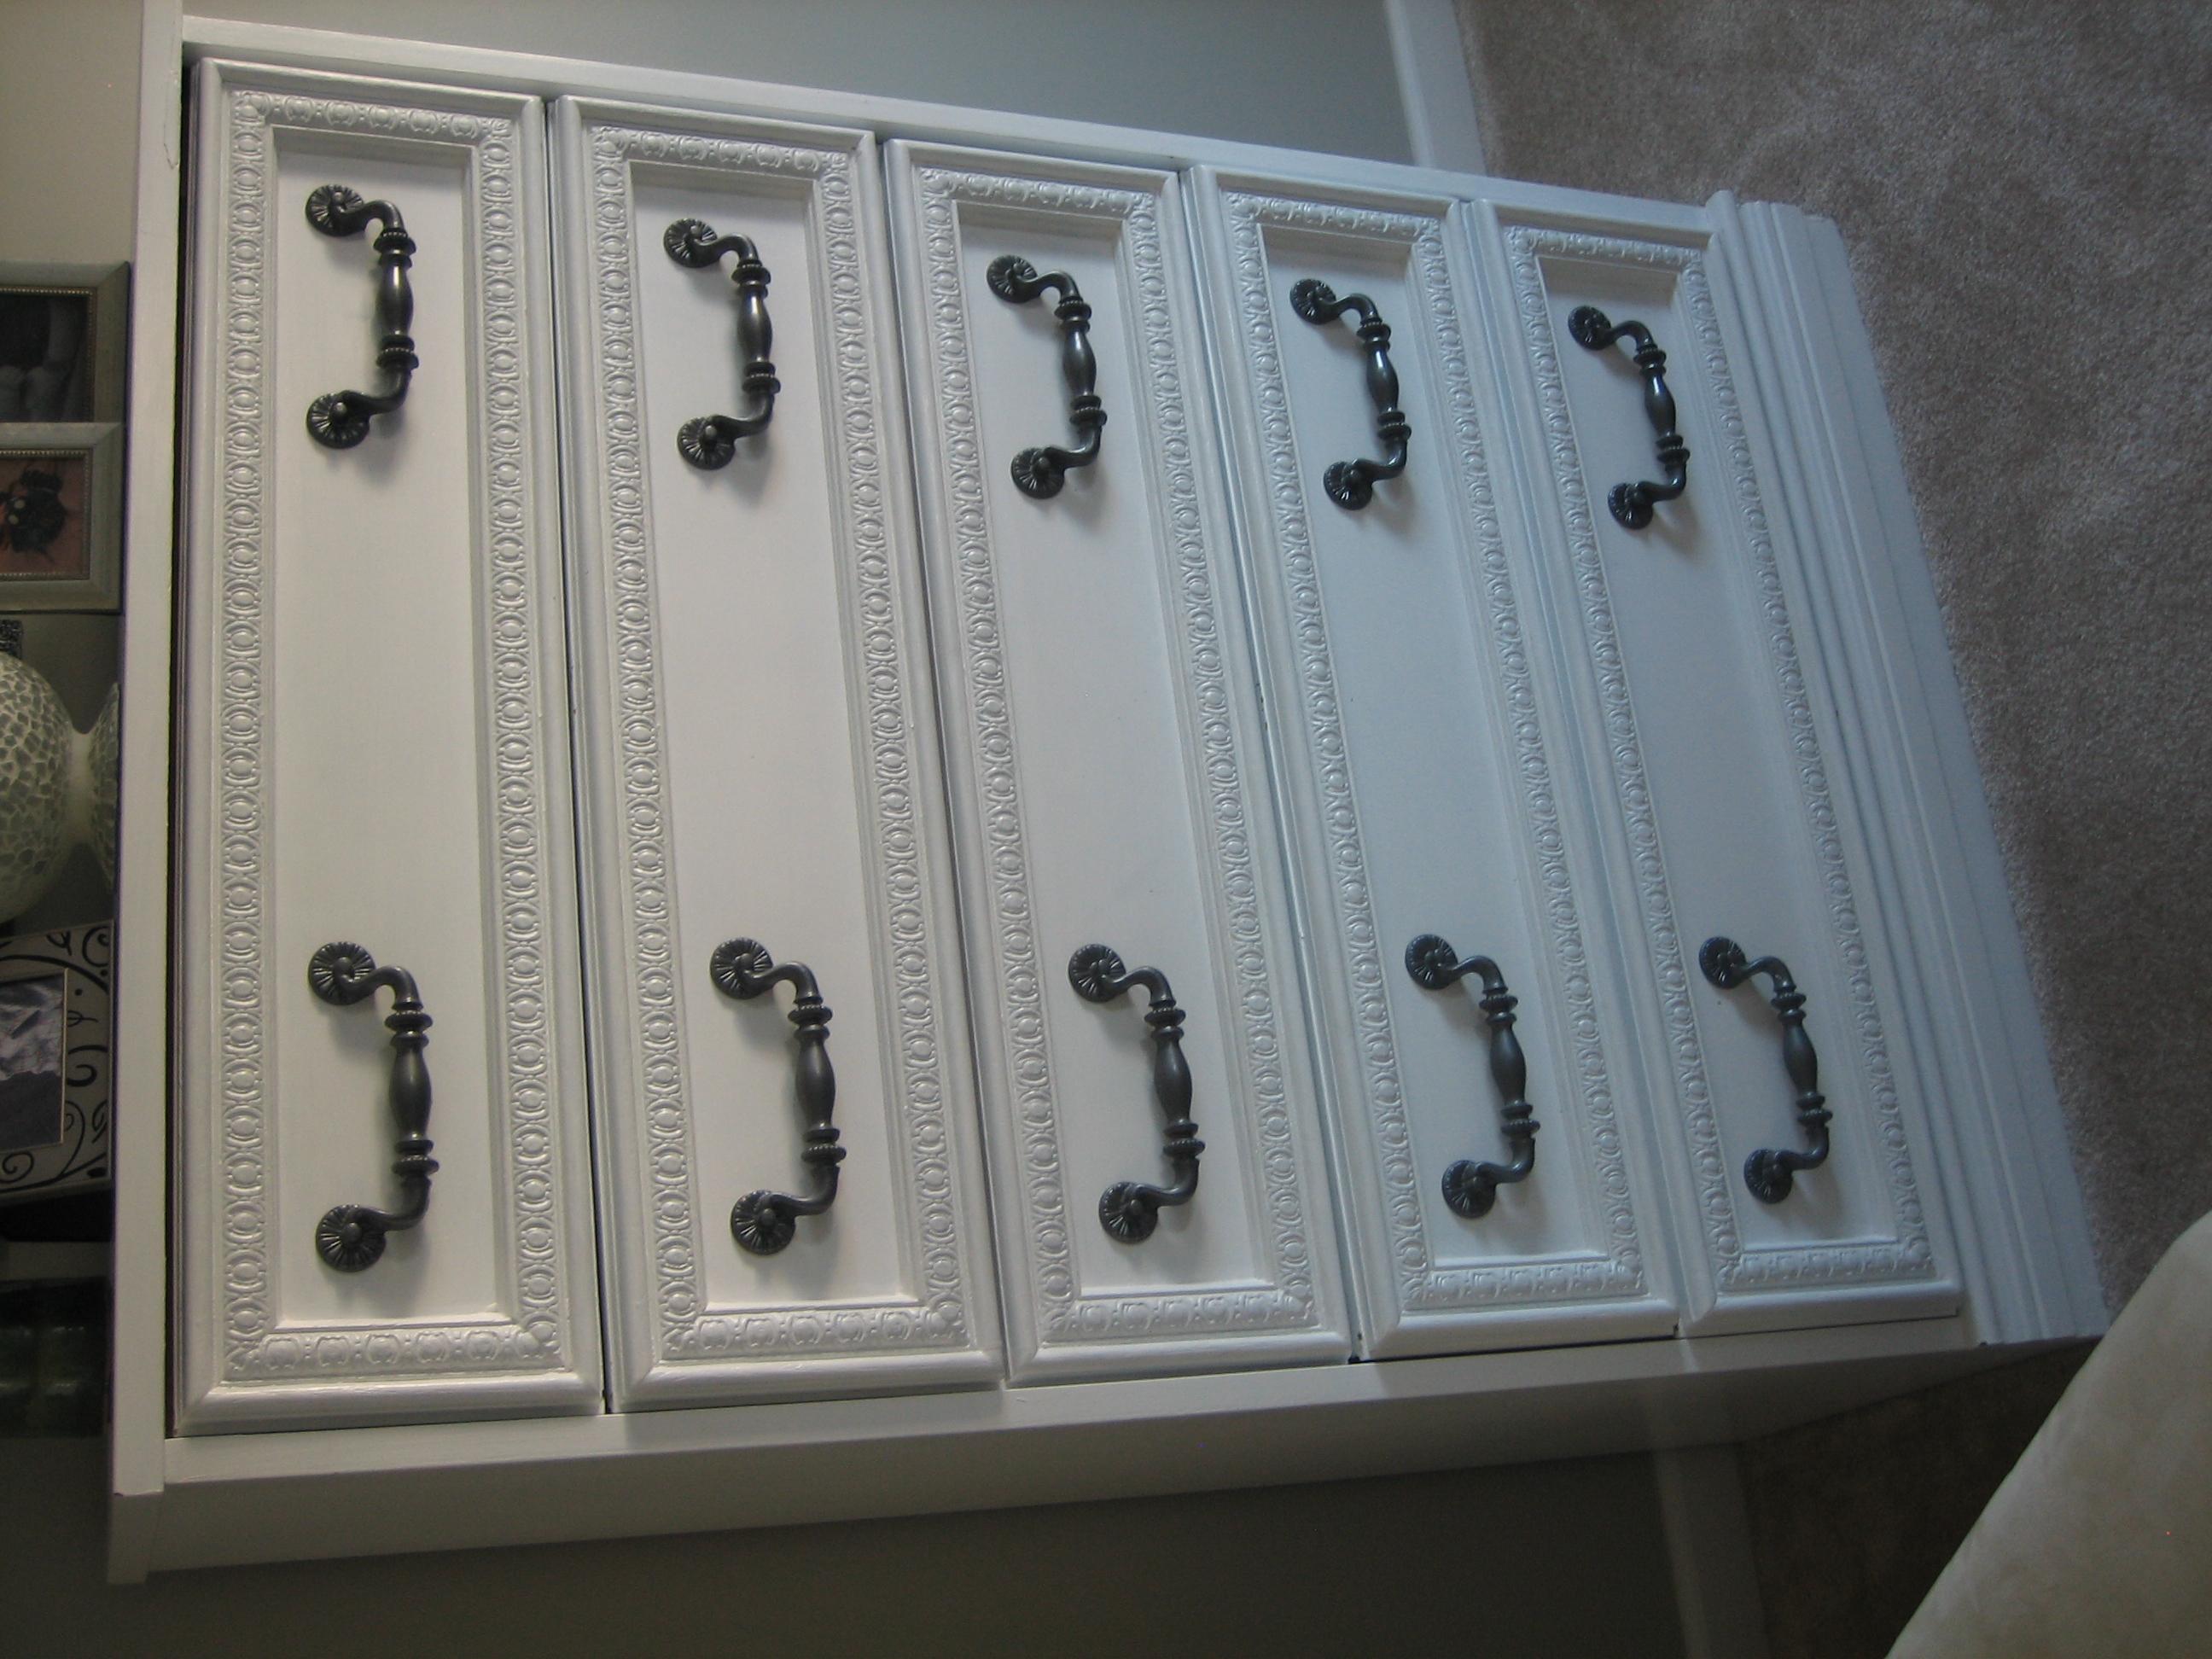 28 ballard design outlet west chester ballard designs hand hooked rugs ballard designs outlet home decor west chester